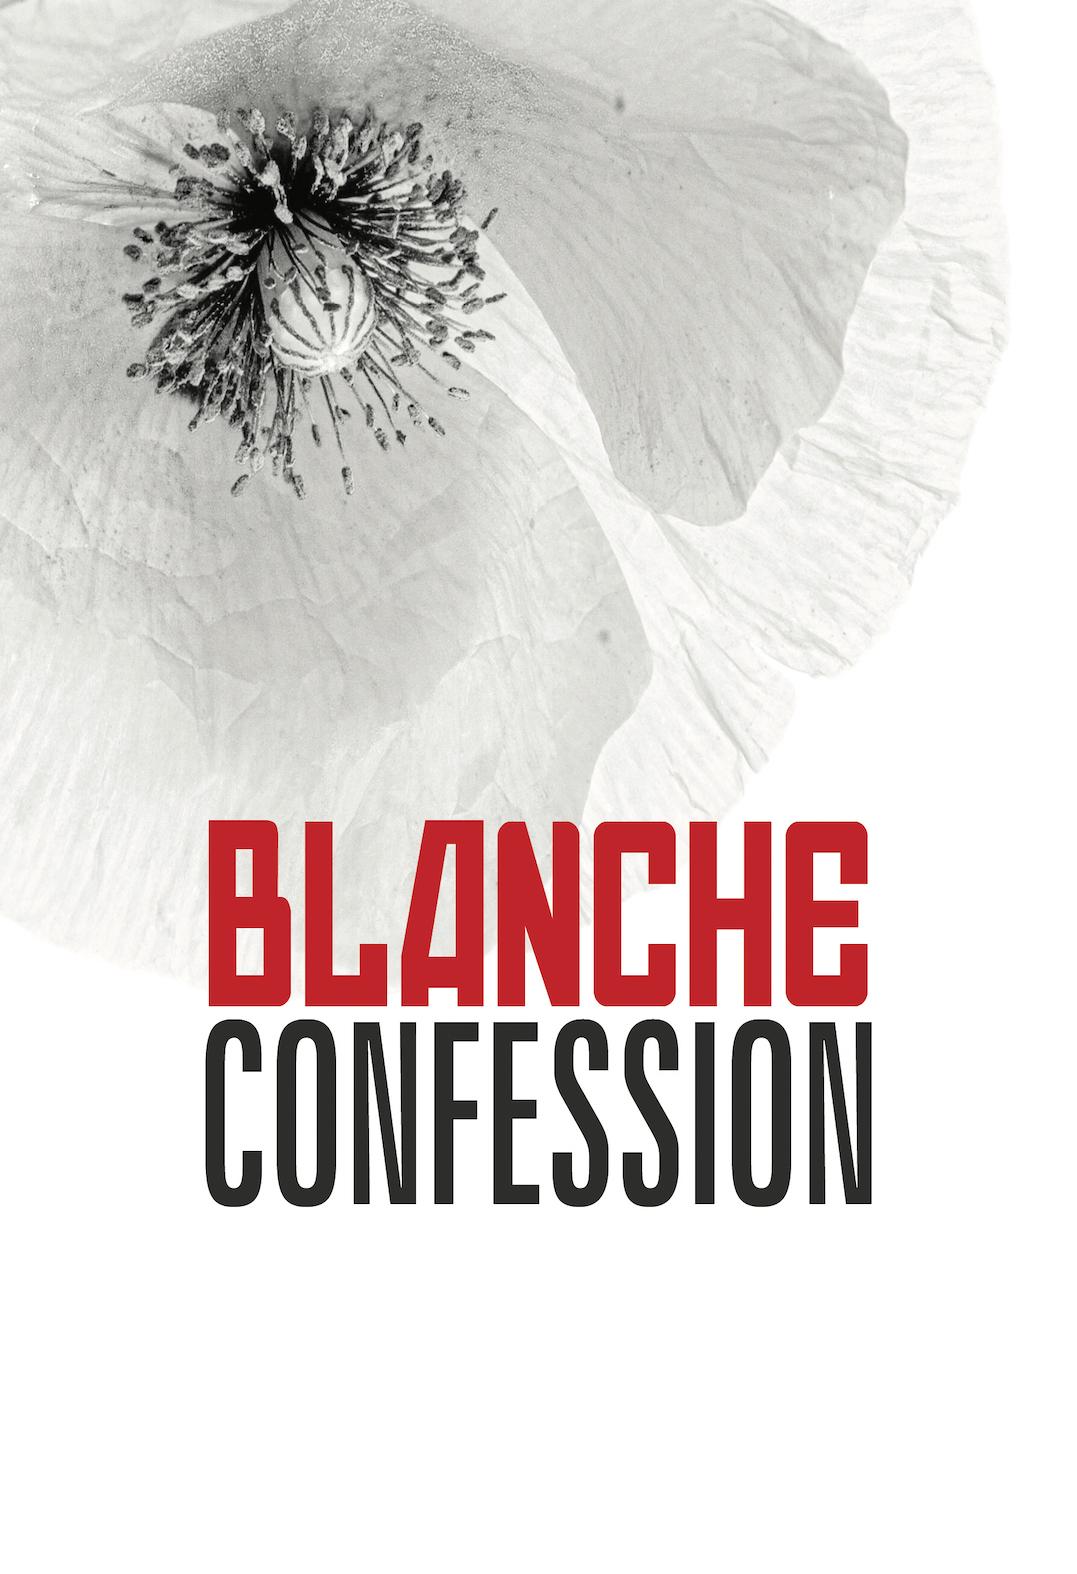 BLANCHE CONFESSION